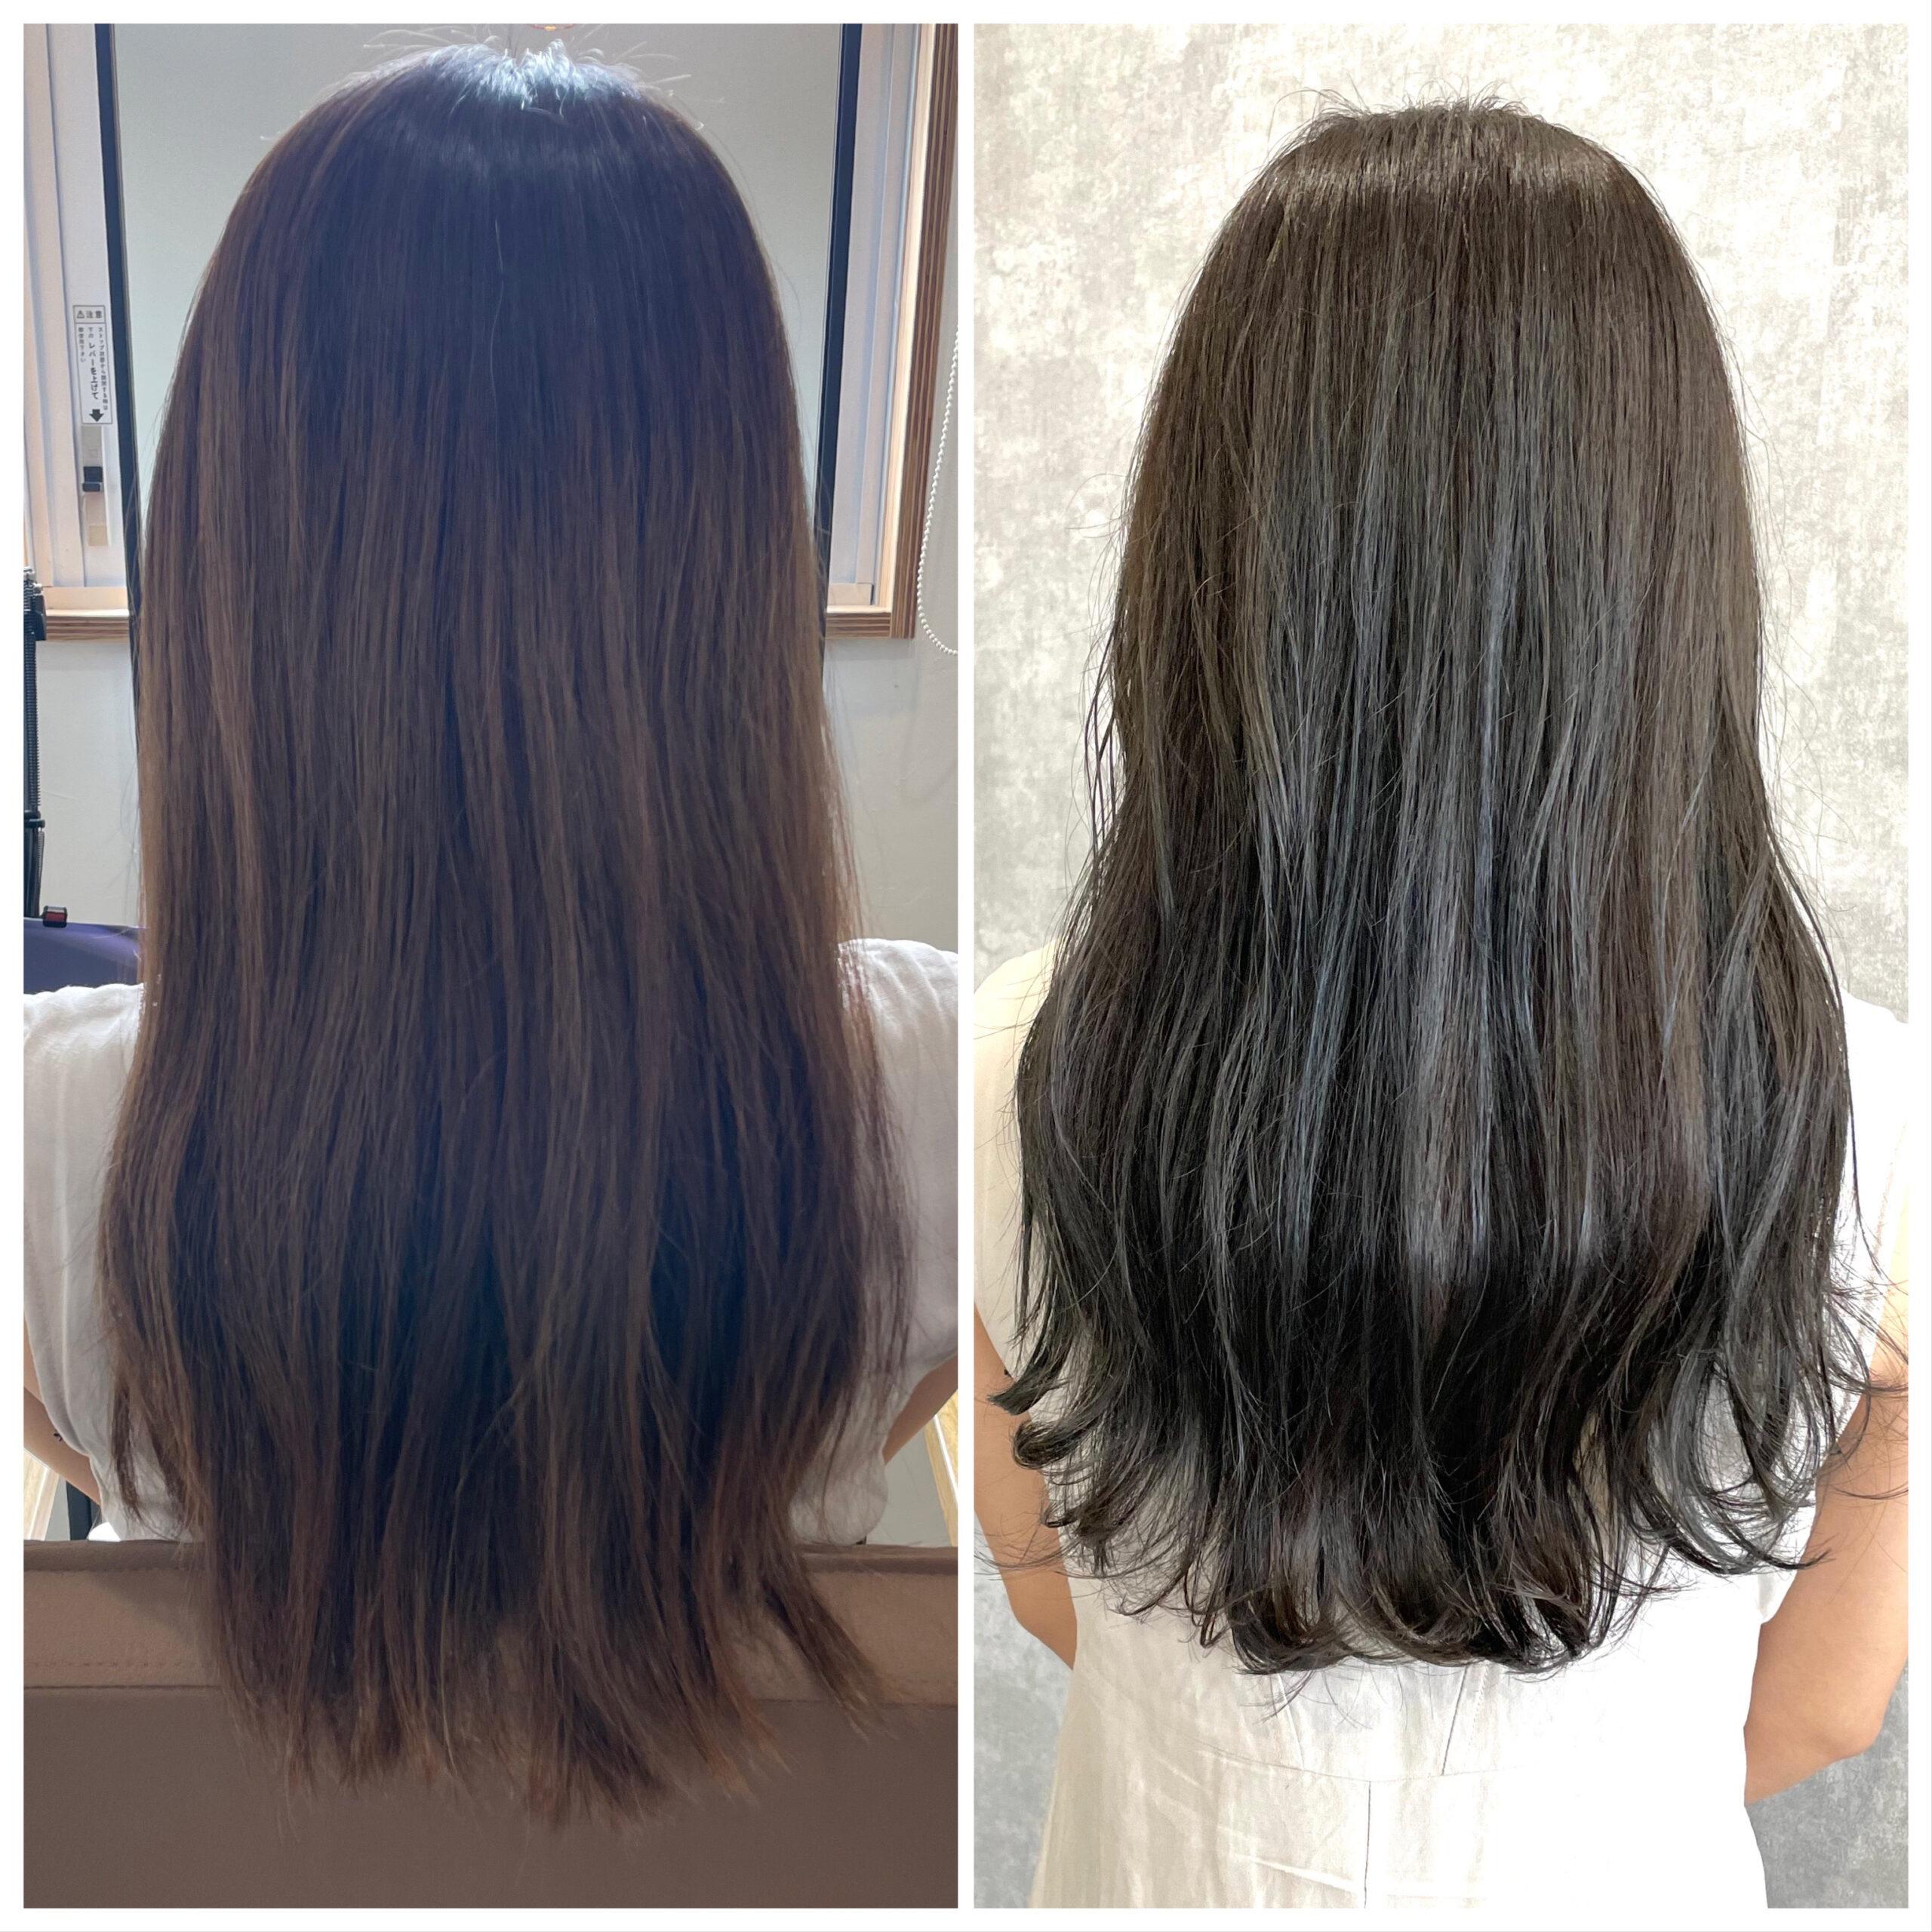 大分県別府市 暗めの髪色だけど透明感のあるヘアカラー ビフォーアフター